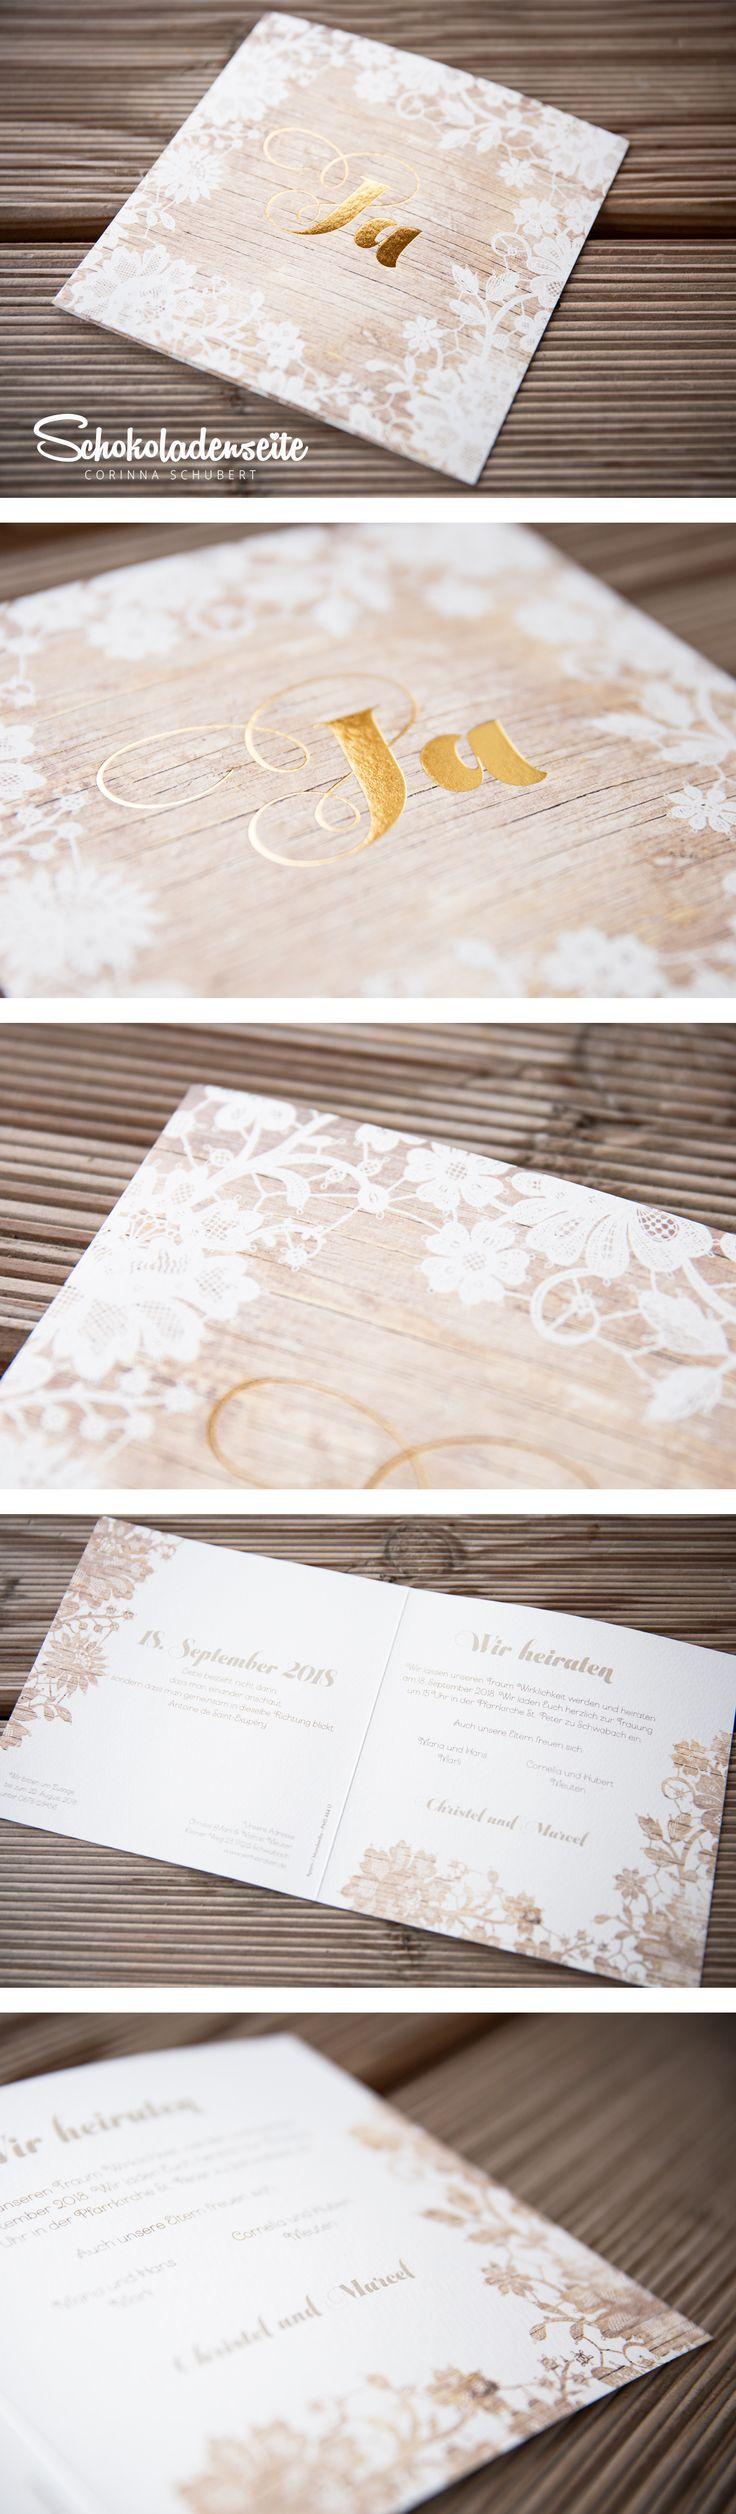 Hallo ihr Mäuse,  hier ist eine unserer wundervollen Karten in Holzoptik…